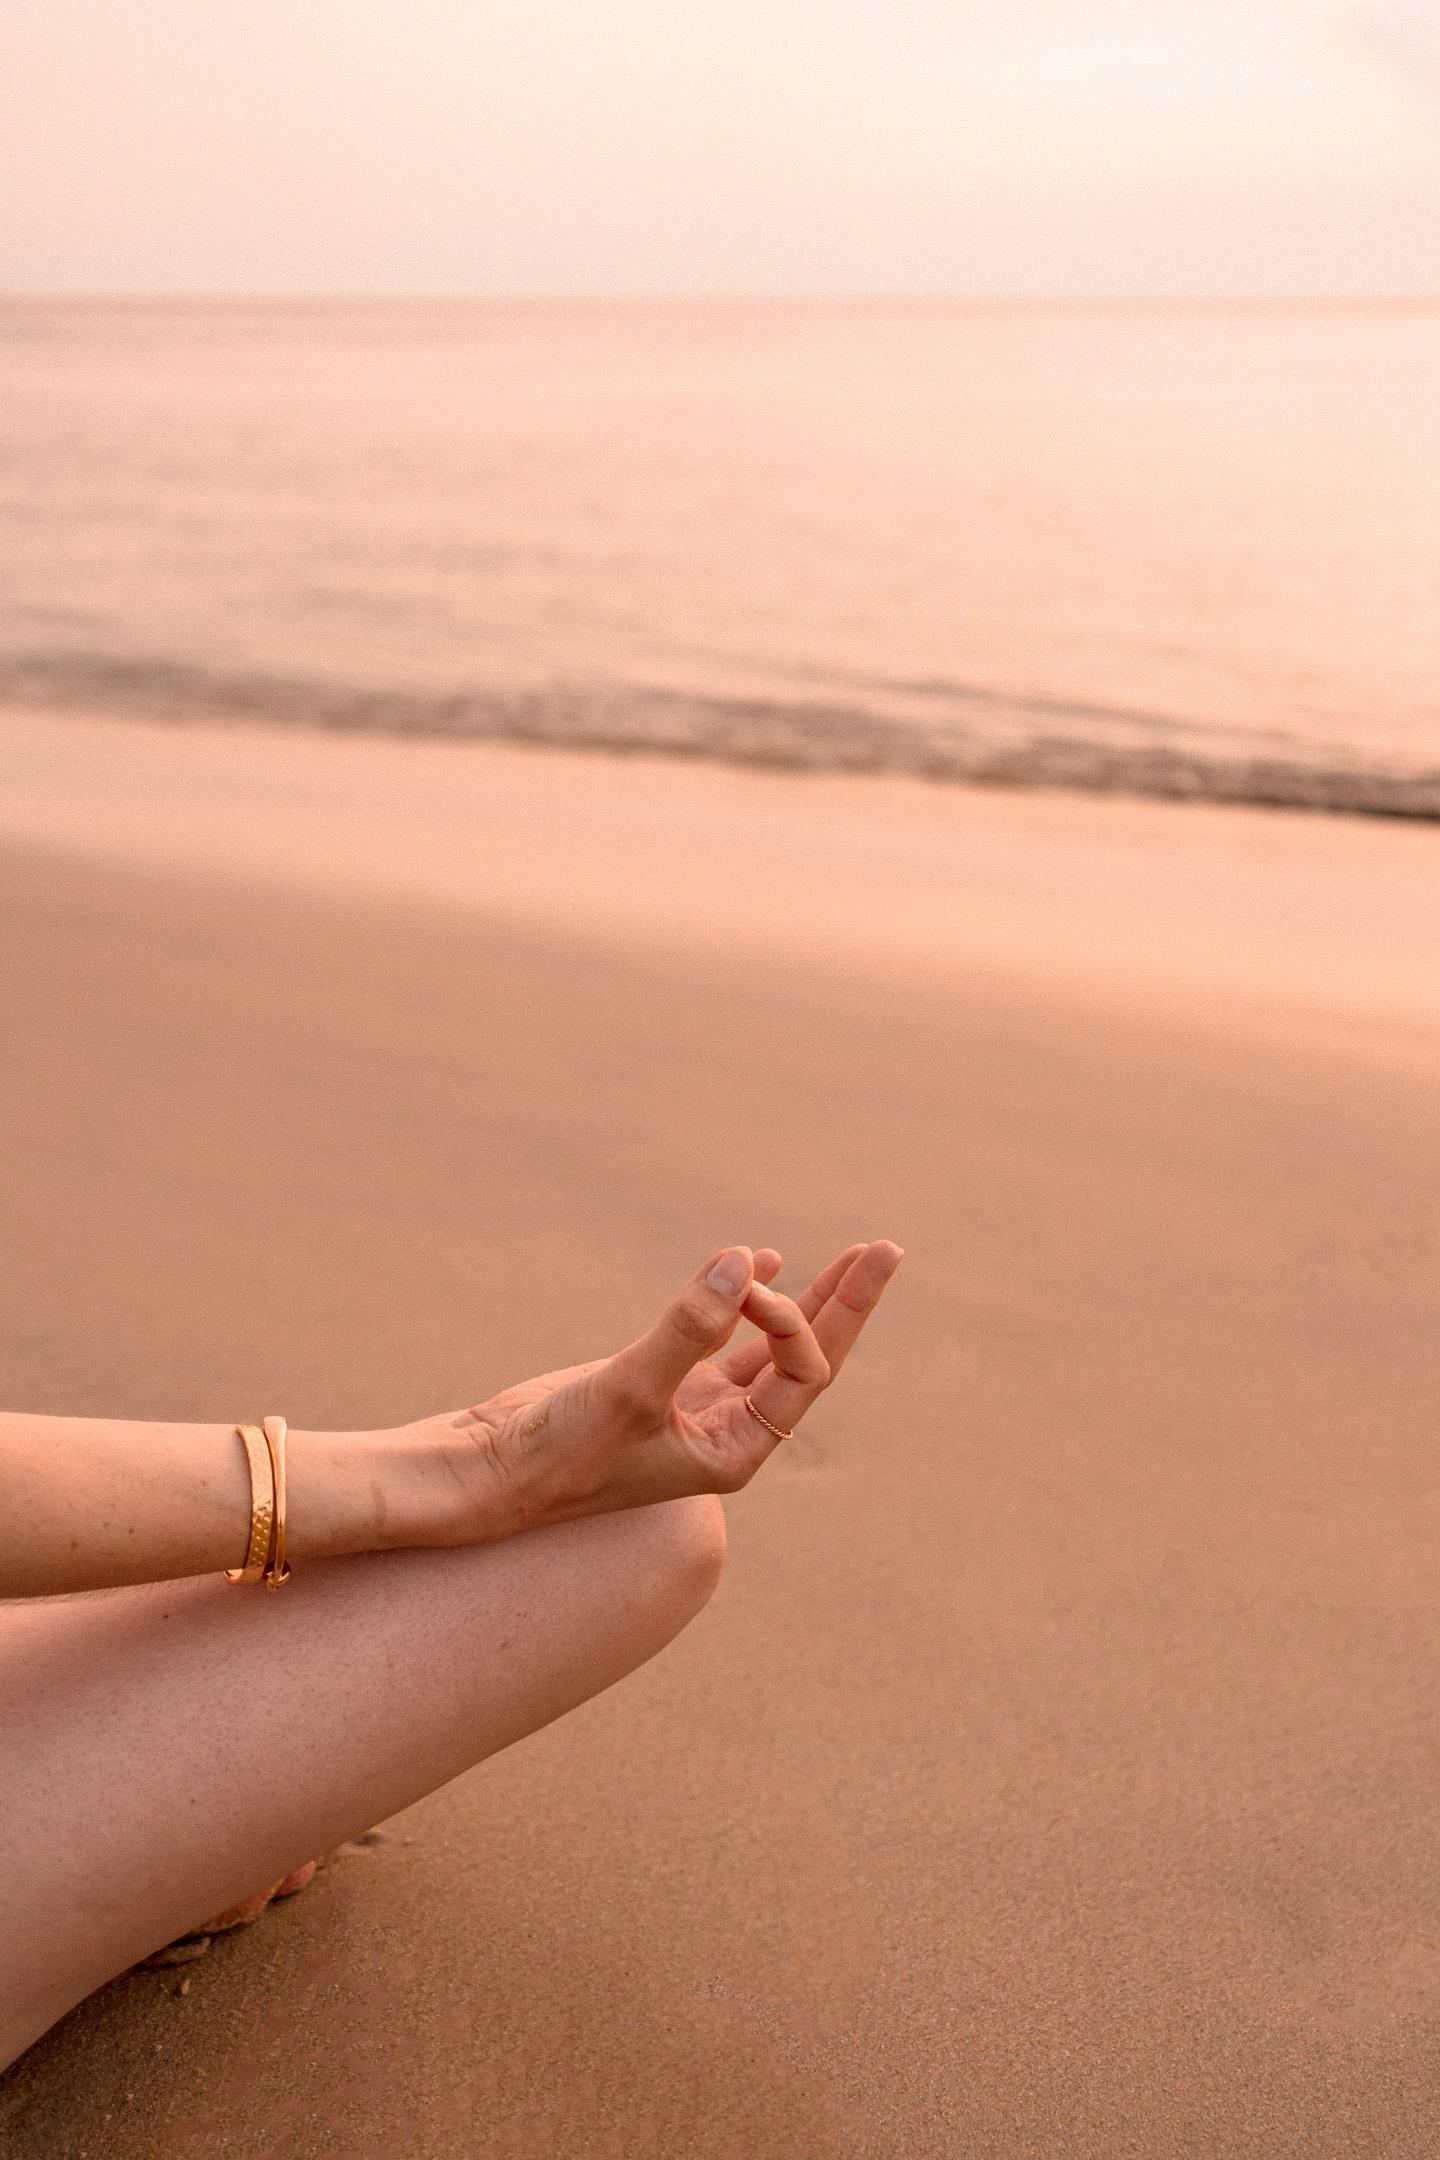 ce-que-j'ai-appris-en-3-ans-de-meditation-3-blog